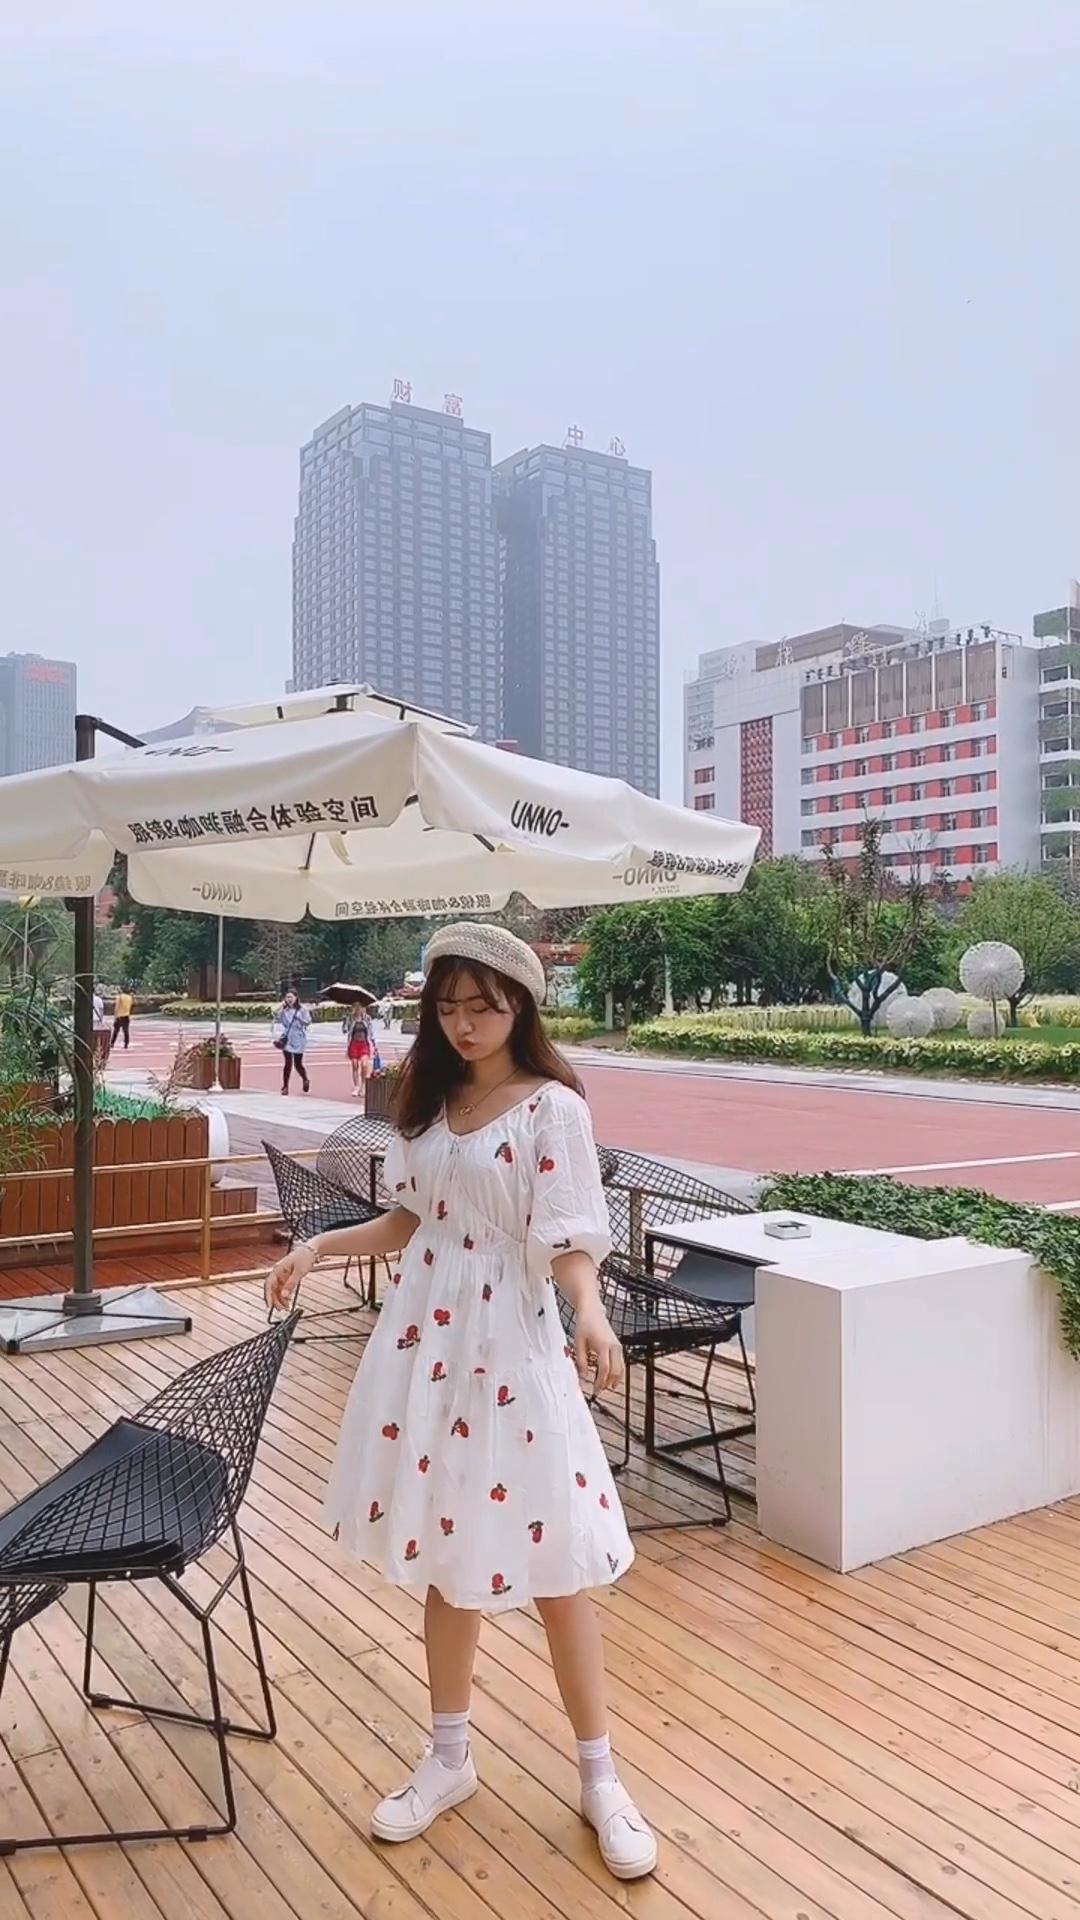 #穿上小碎花,一起走花路吧#  💓心动的感觉!这条小裙子必须安排! 樱桃的🍒印花真的太可爱了!版型也是恰到好处,高腰线,蓬蓬裙,泡泡袖,把需要遮的肉肉都光光! 💓谁穿都是小甜甜🍬